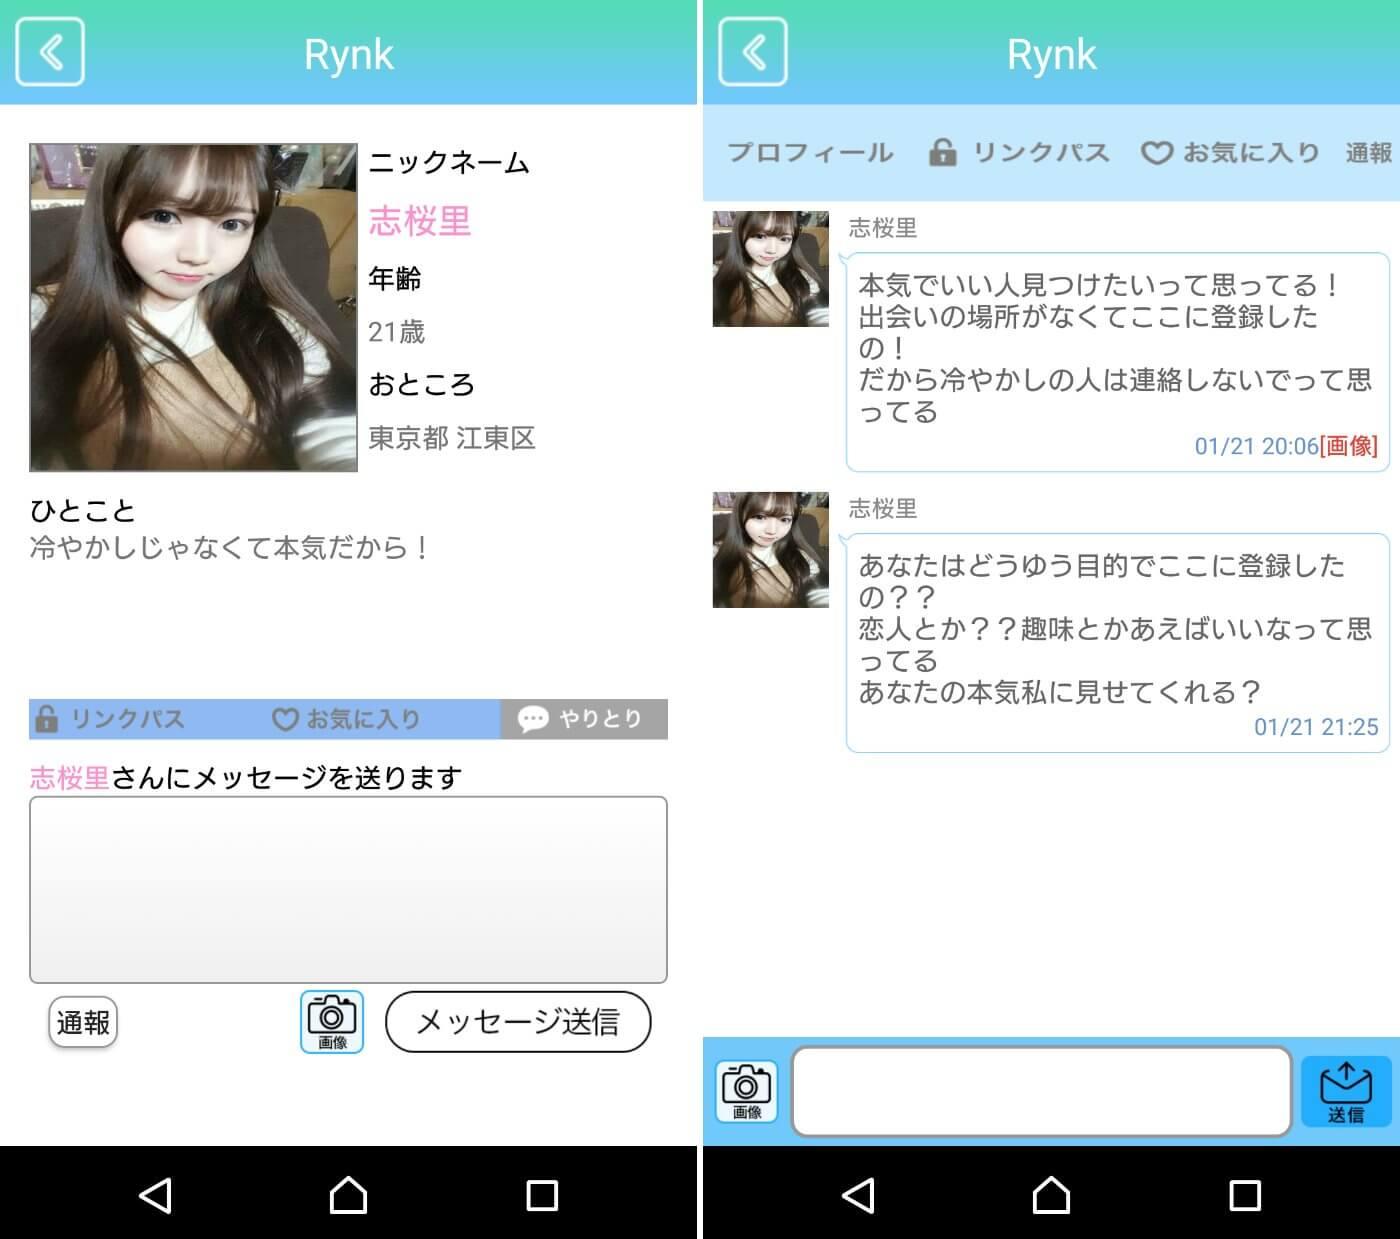 悪質出会い系アプリ「Rynk」サクラ